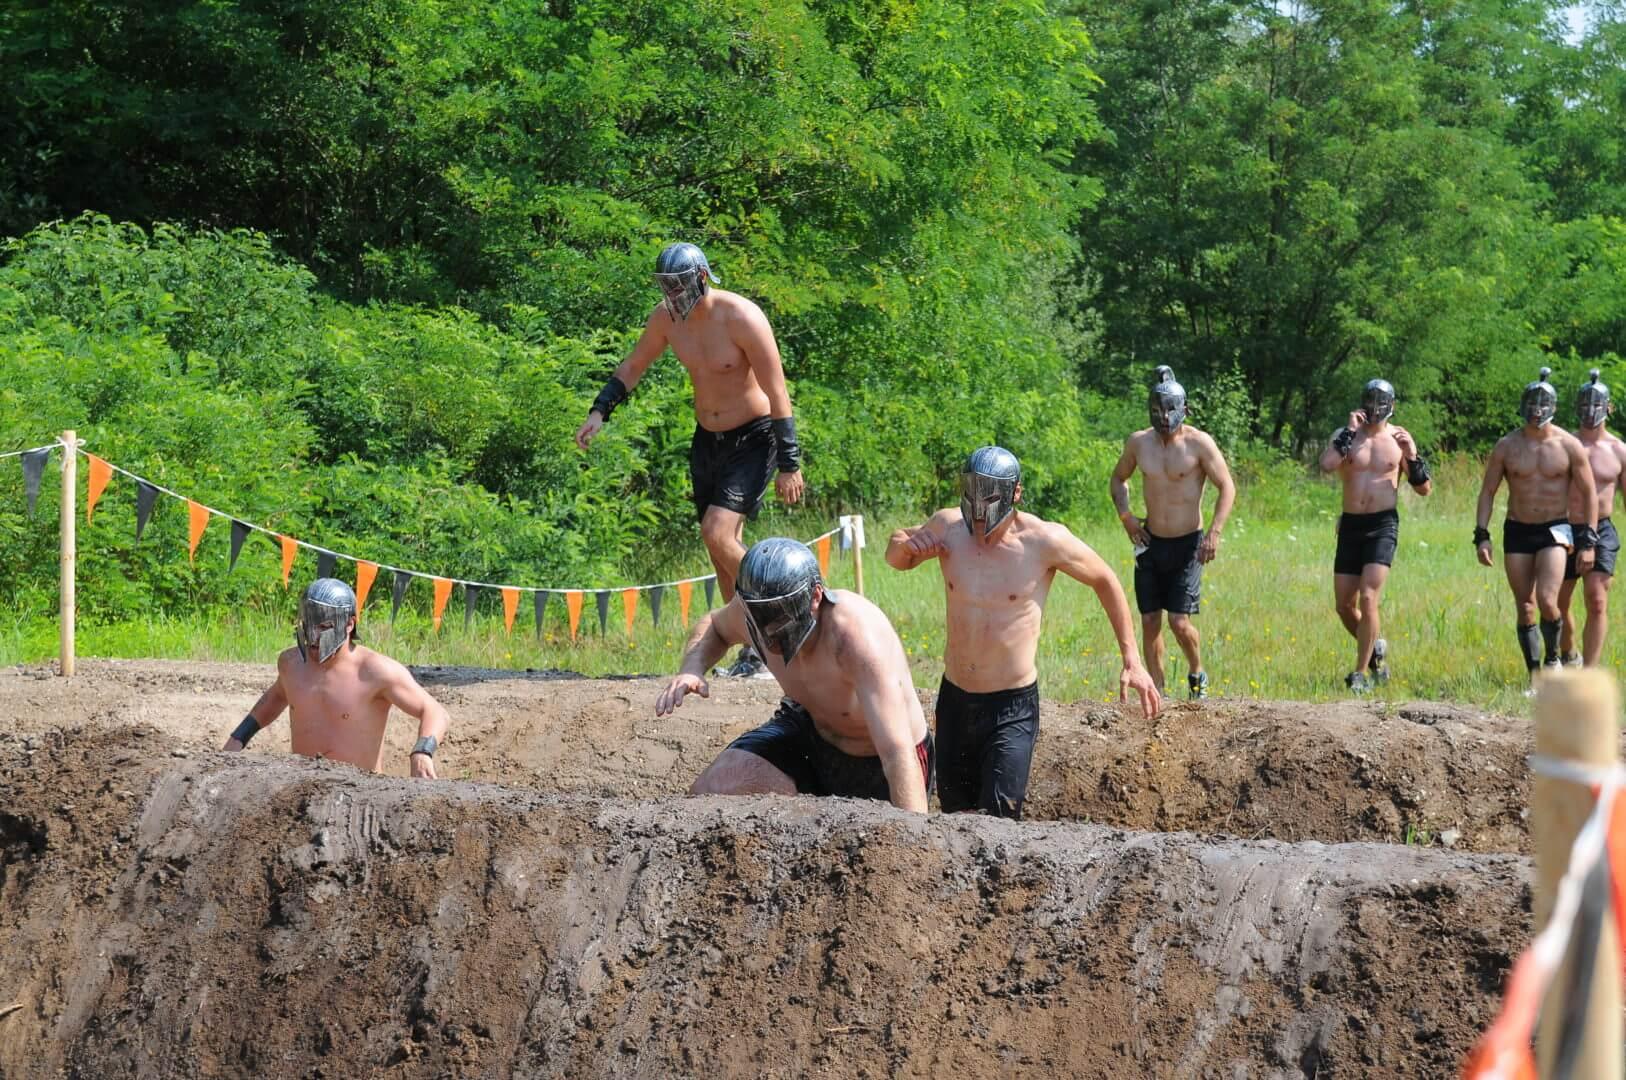 Tough Mudder Teilnehmer beim Hindernislaufen